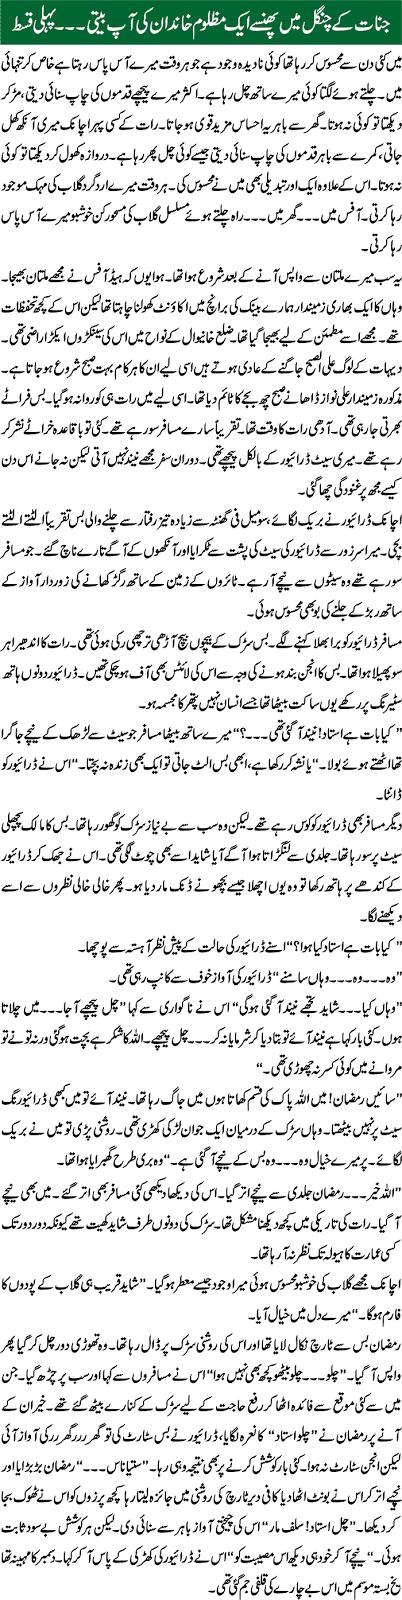 Jinnat-Kay-Chungal-Mein-Phansay-Aik-Mazloom-Khandan-Ki-Kahan-Part-1